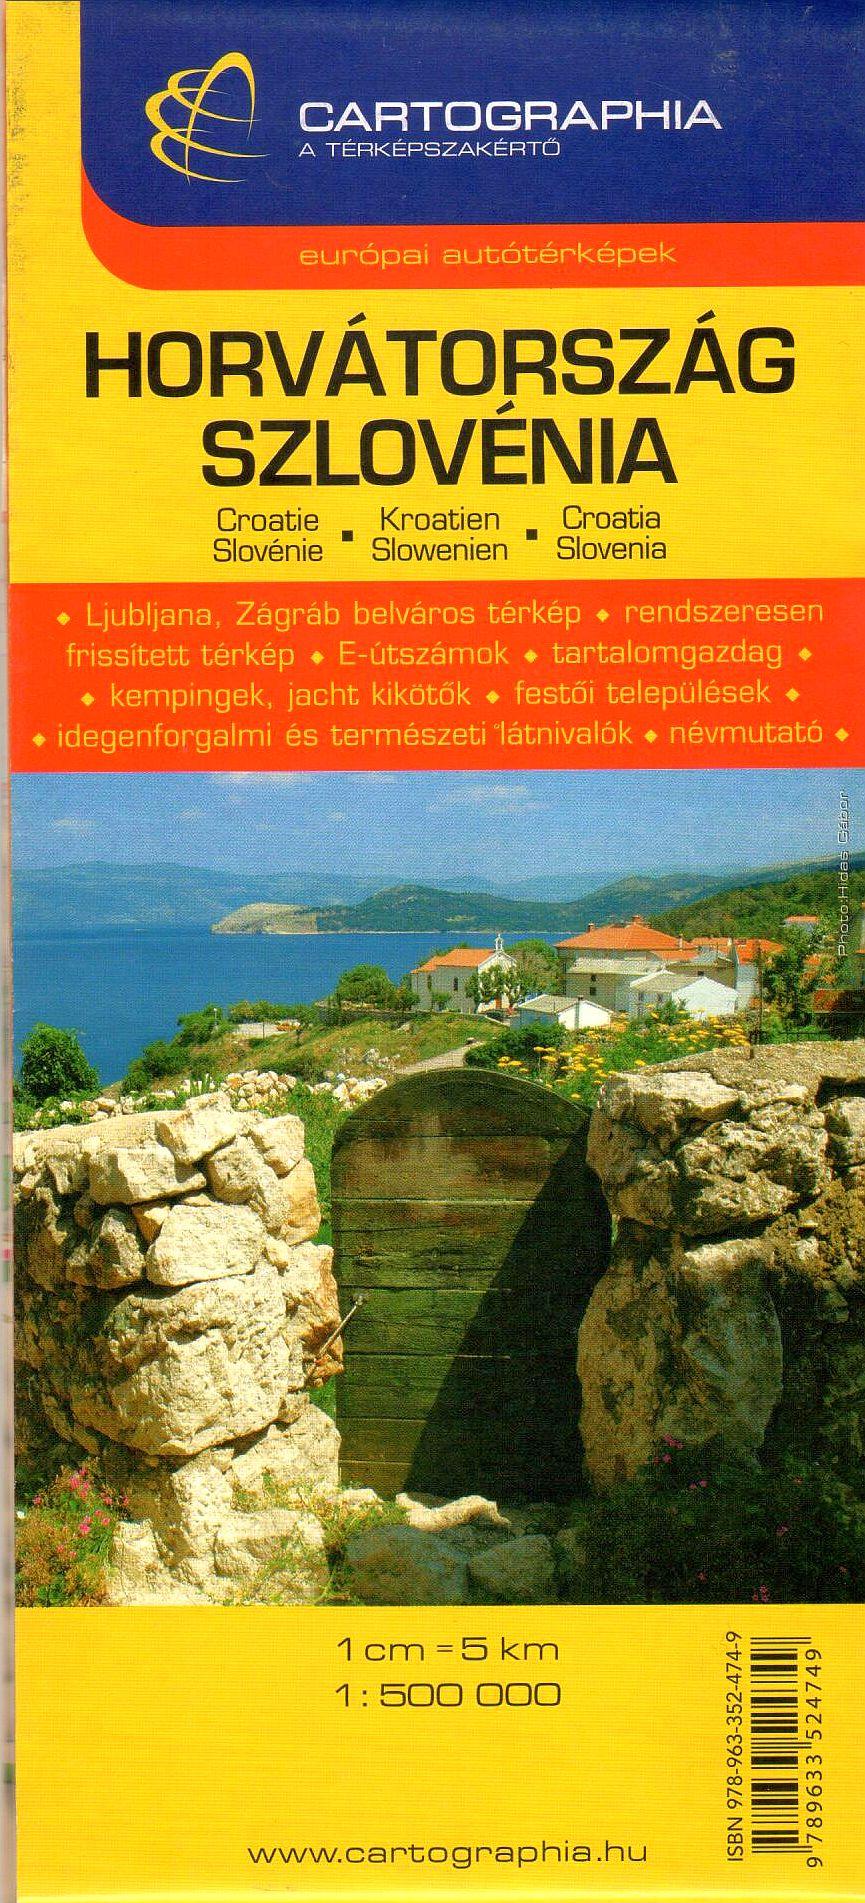 Szlovénia, Horvátország autótérképe turista információkkal, névmutatóval, Zágráb és Ljubljana várostérképpel